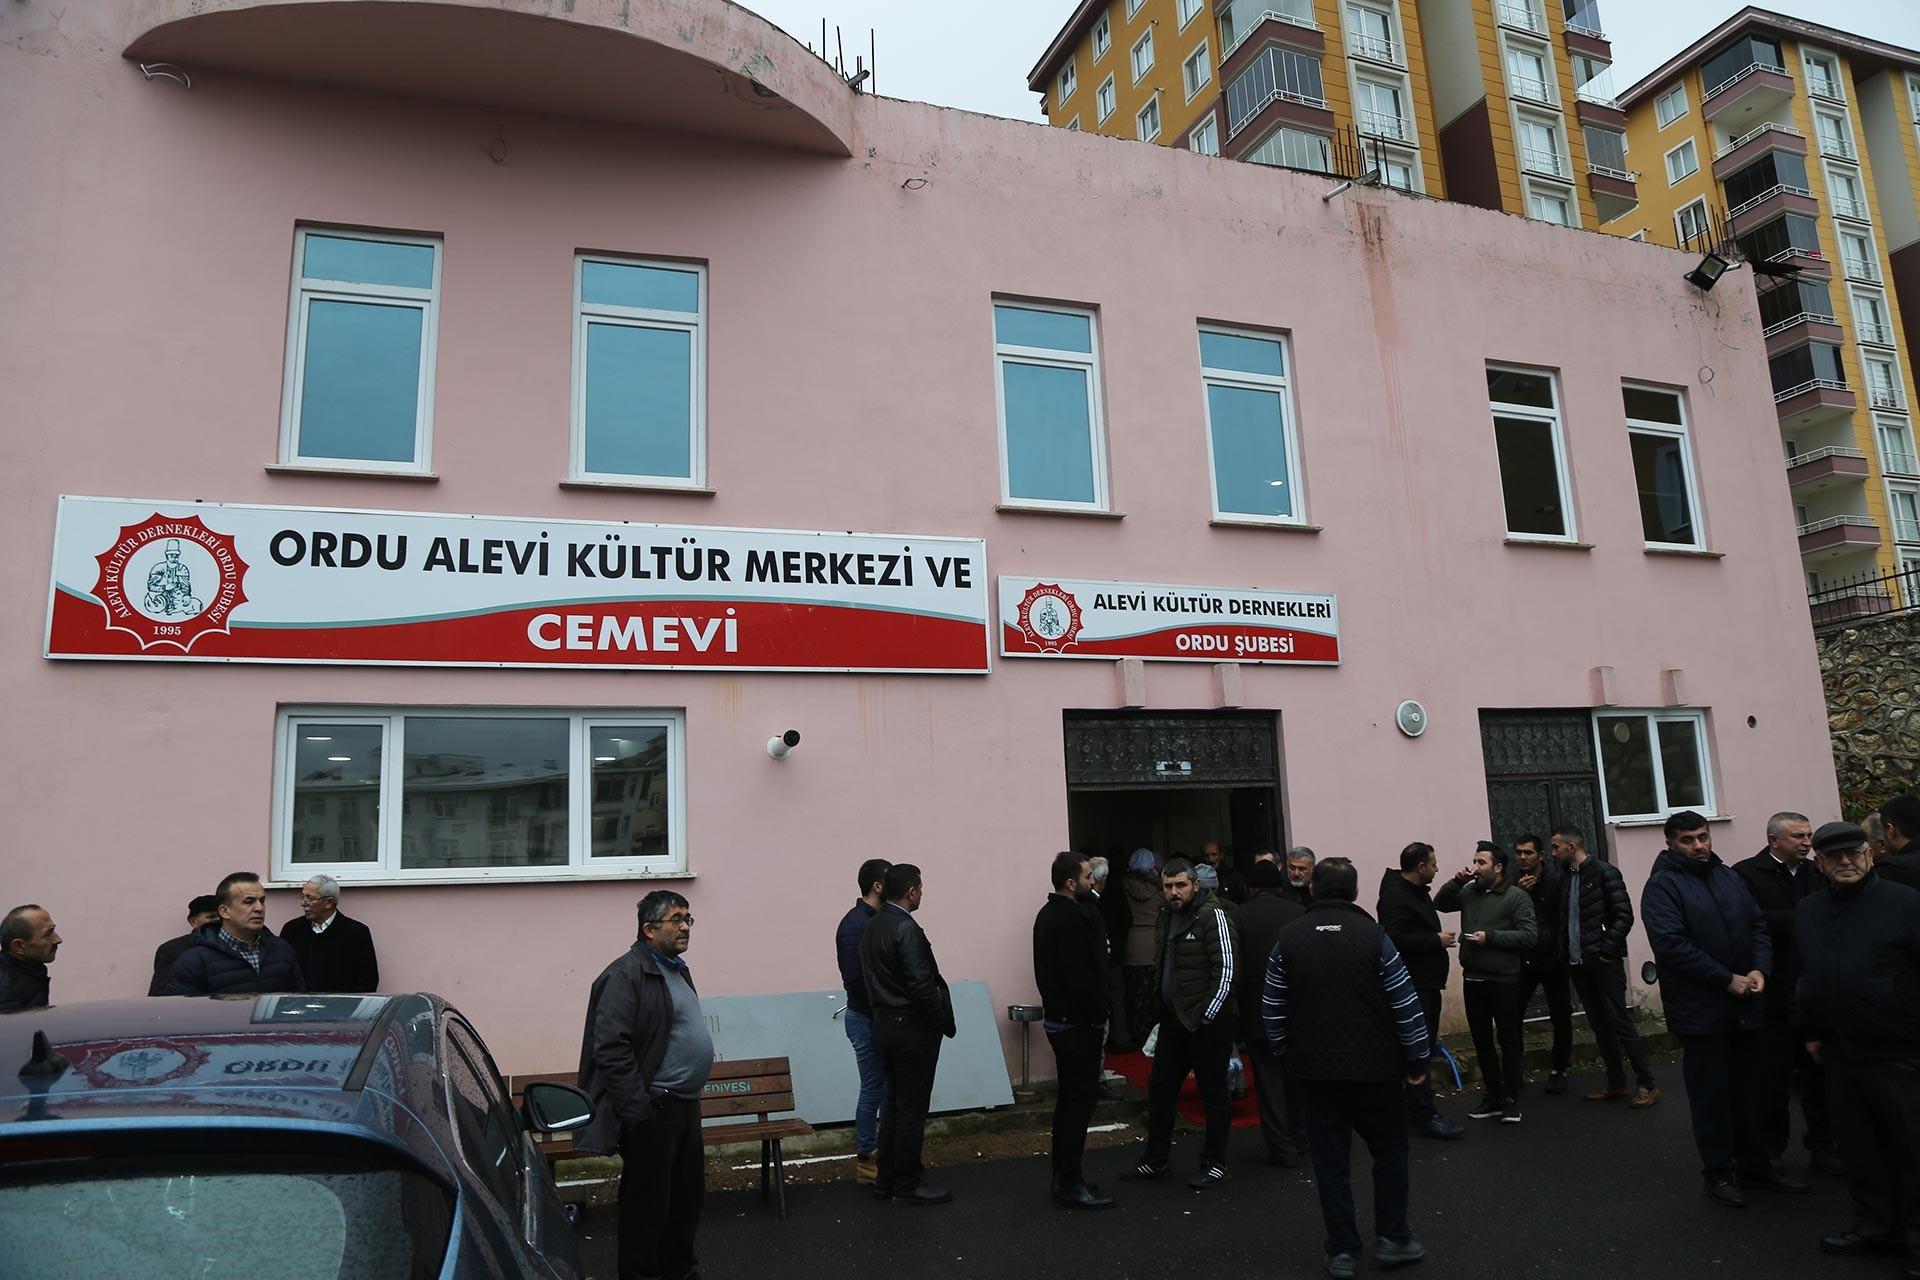 Ceren Özdemir'in öldürülüşünün 40'ıncı günü dolayısıyla ailesi cemevinde lokma ve yemek dağıttı